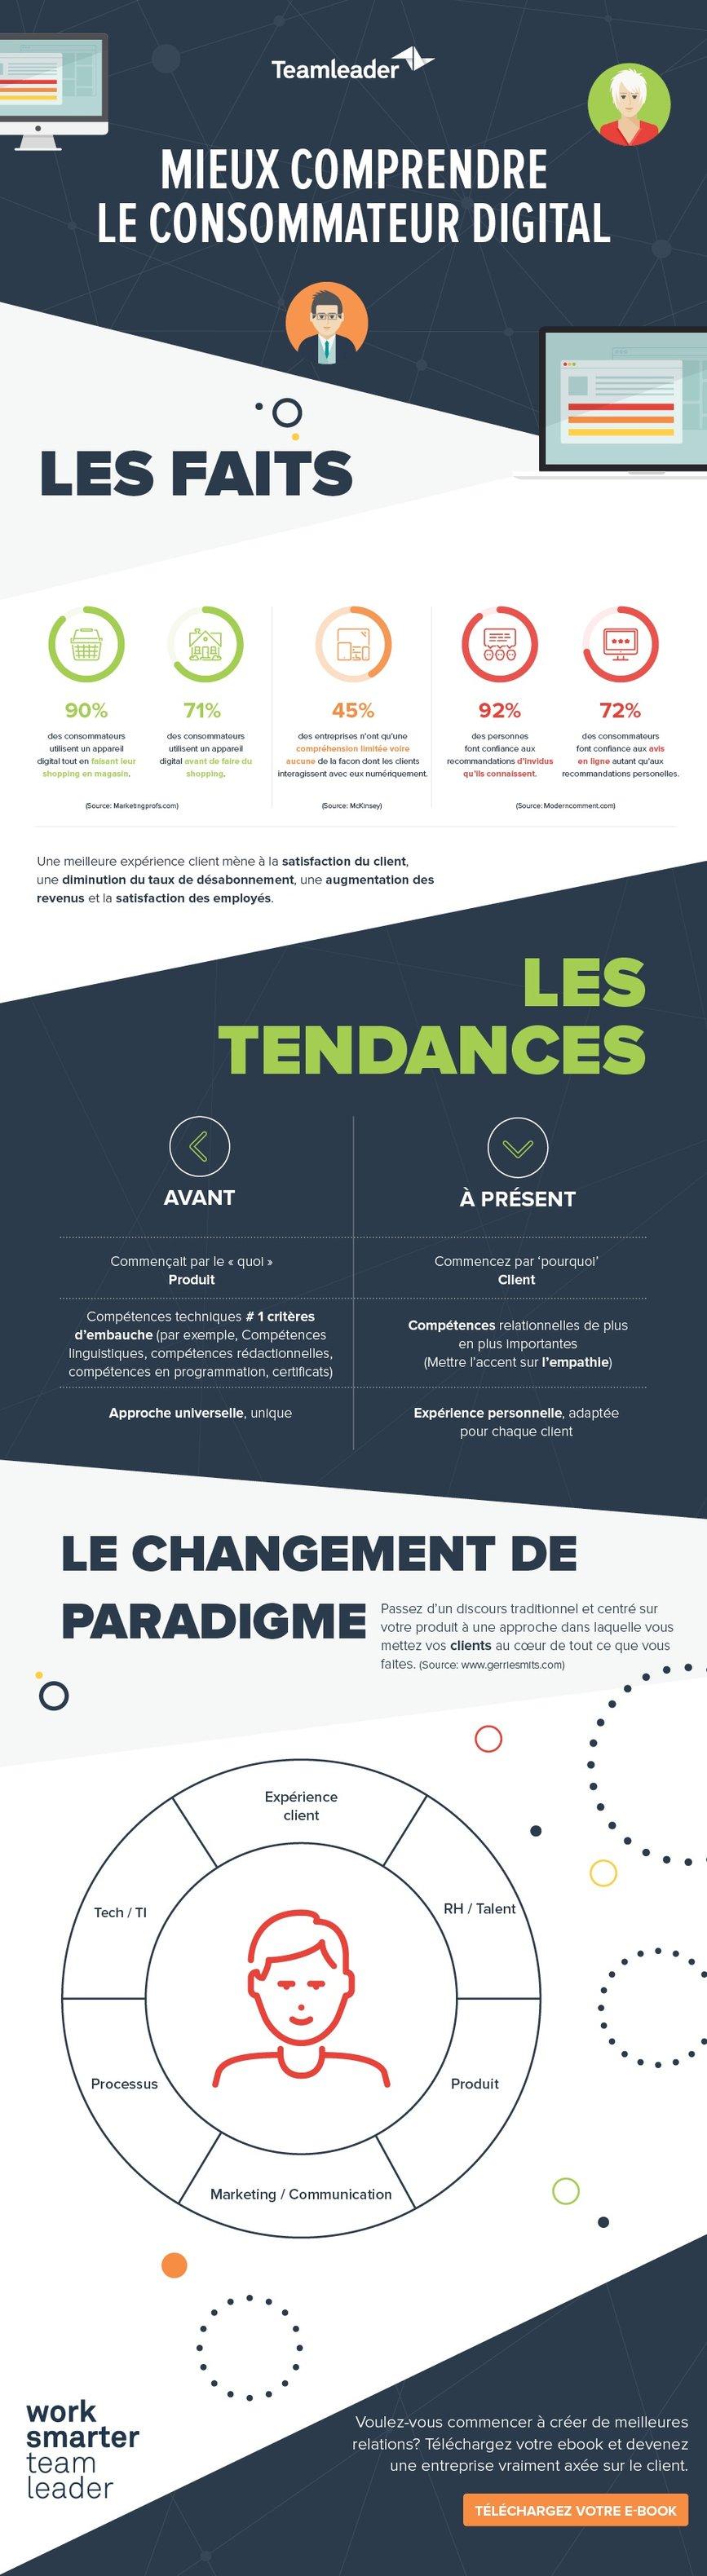 20170724_digitalConsumer_infographic_FR.jpg